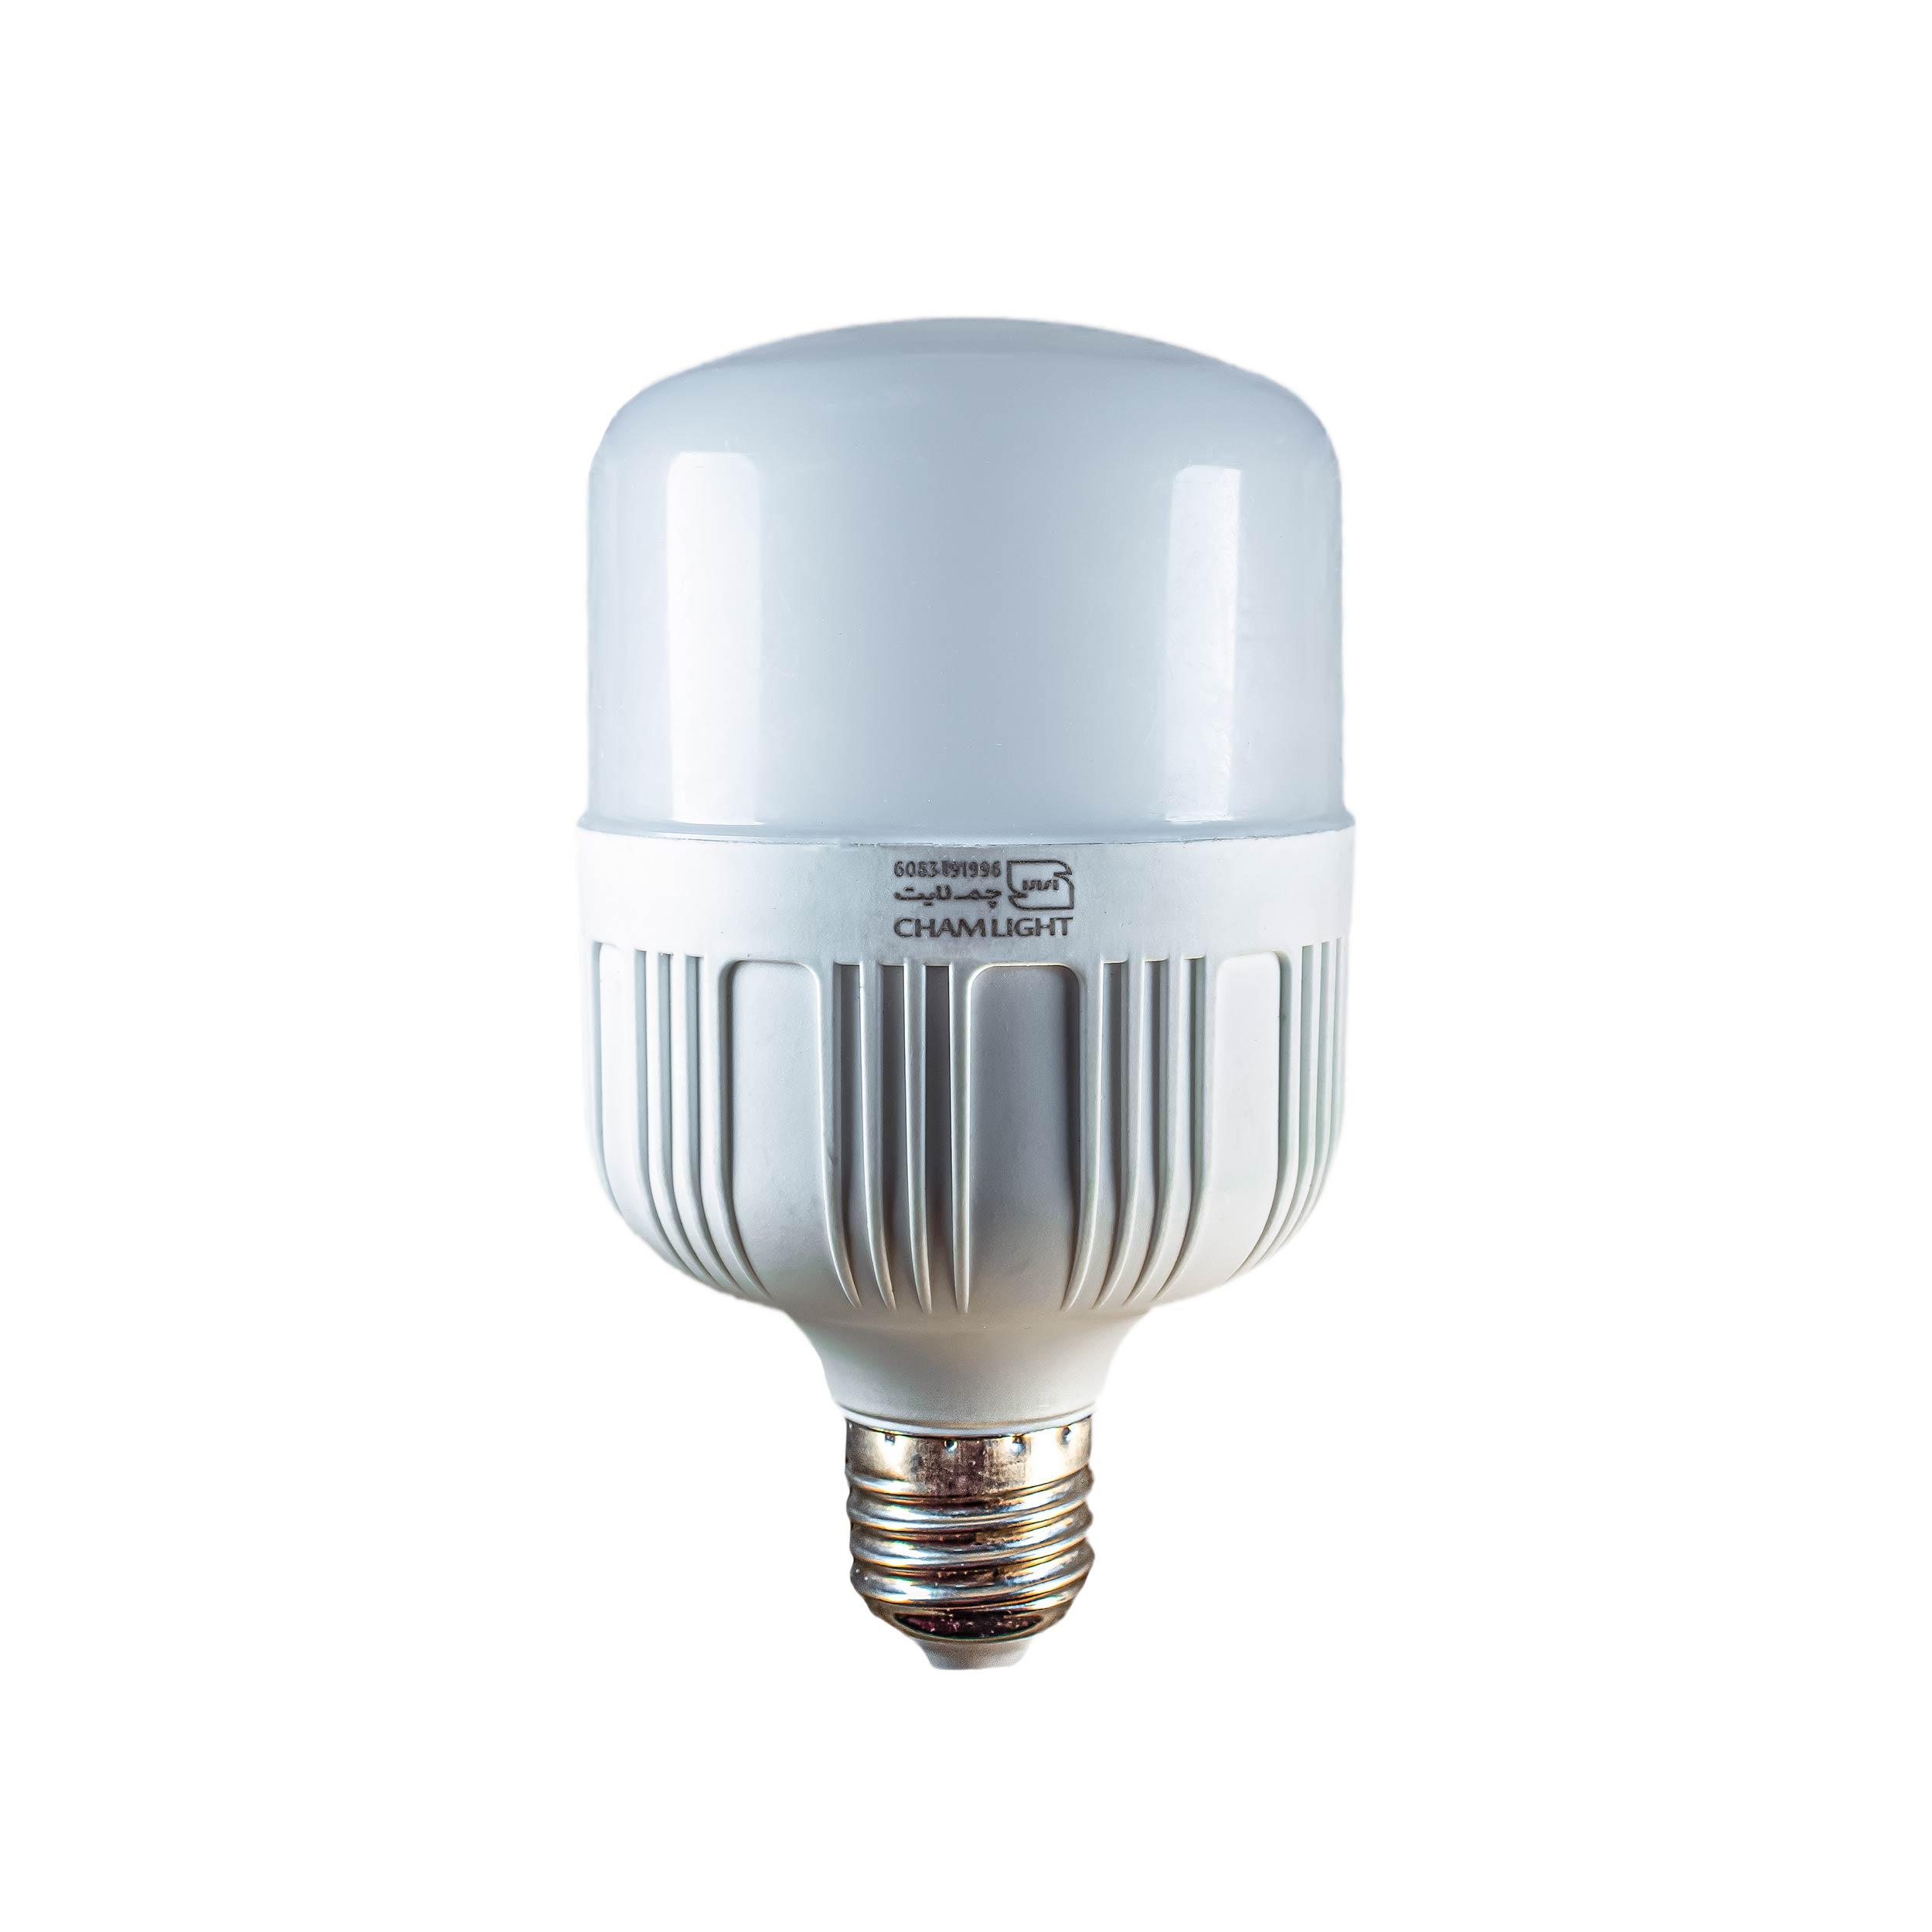 لامپ ال ای دی 20 وات چم لایت مدل B9912 پایه E27